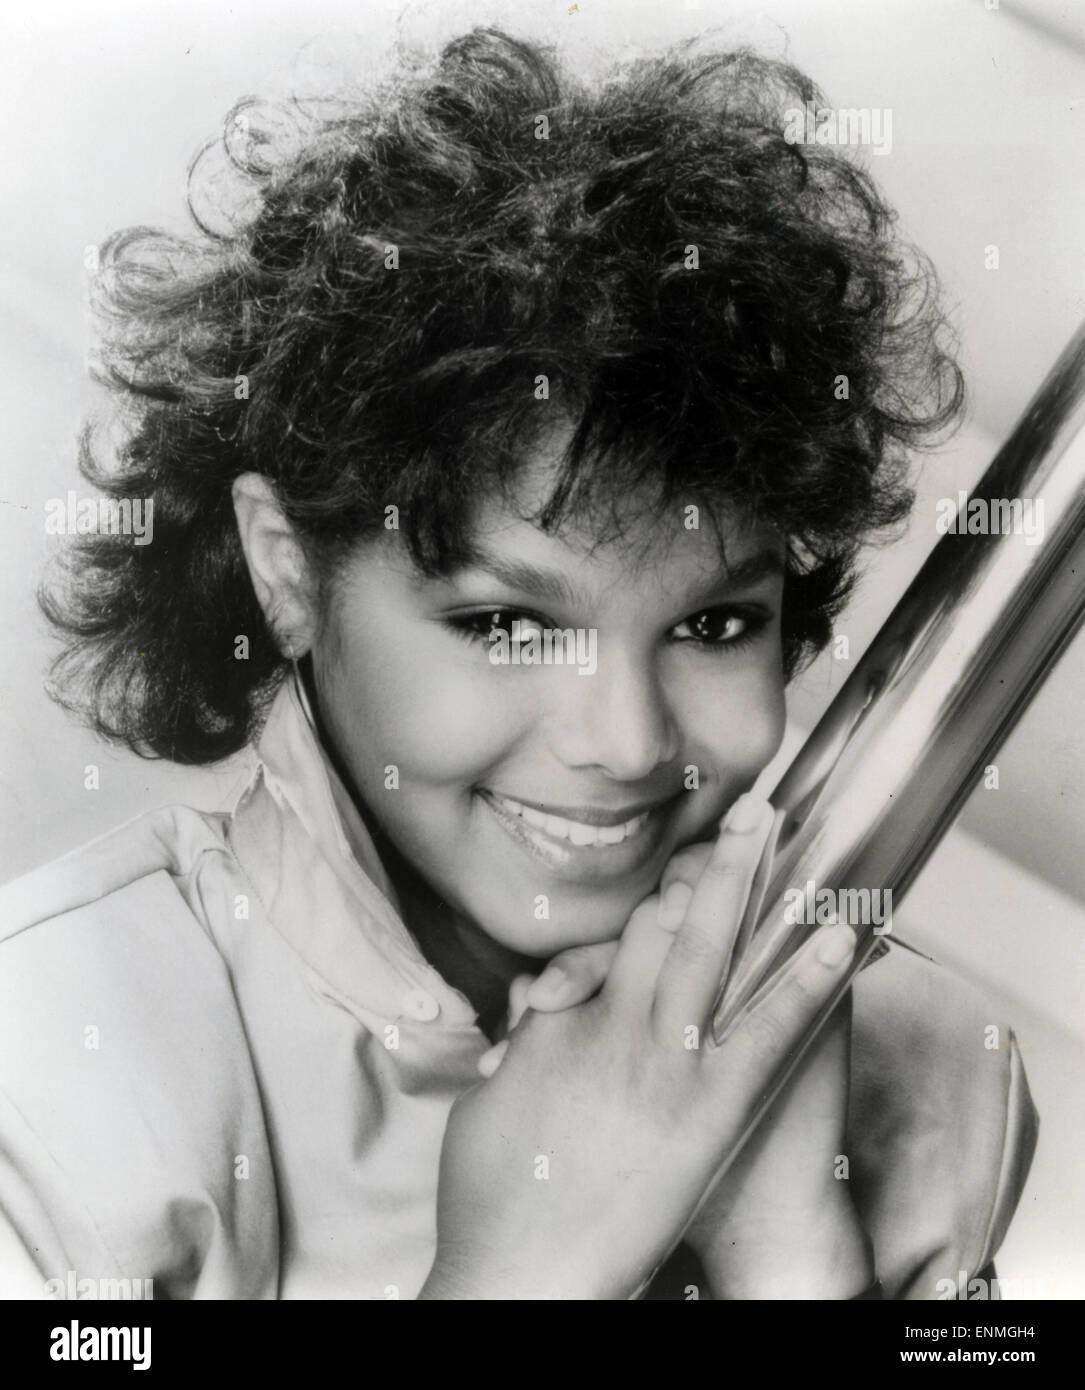 Janet Jackson Stock Photos & Janet Jackson Stock Images - Alamy